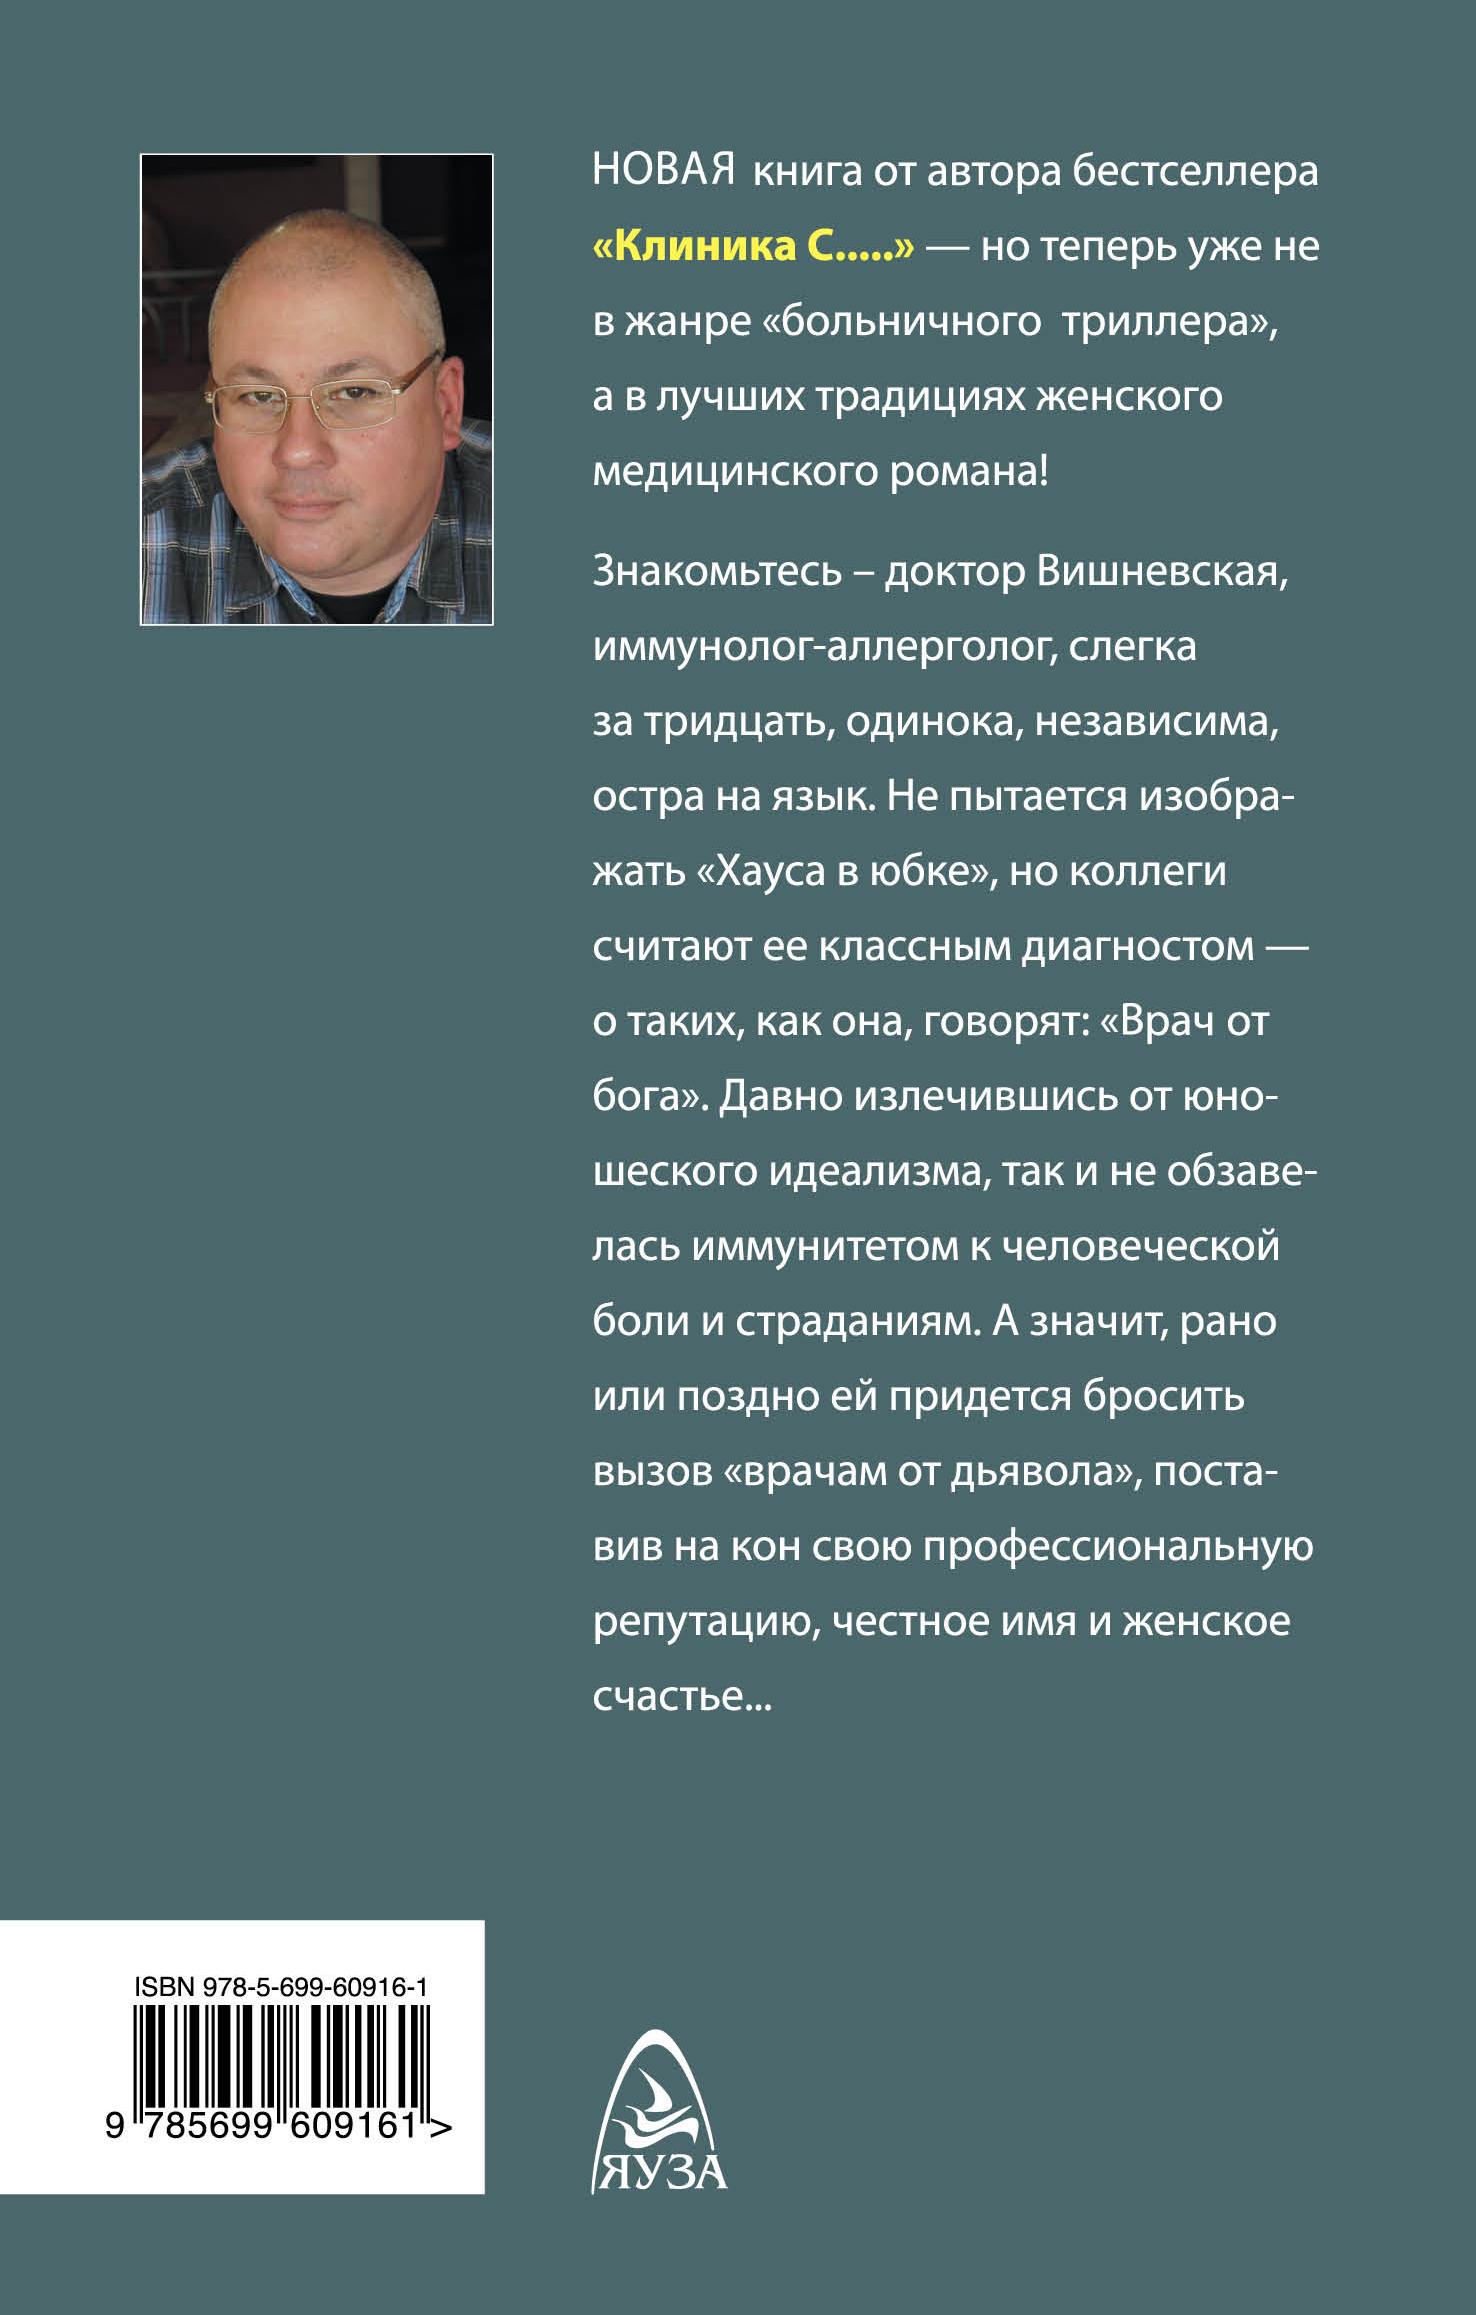 Доктор Вишневская. Клинический случай